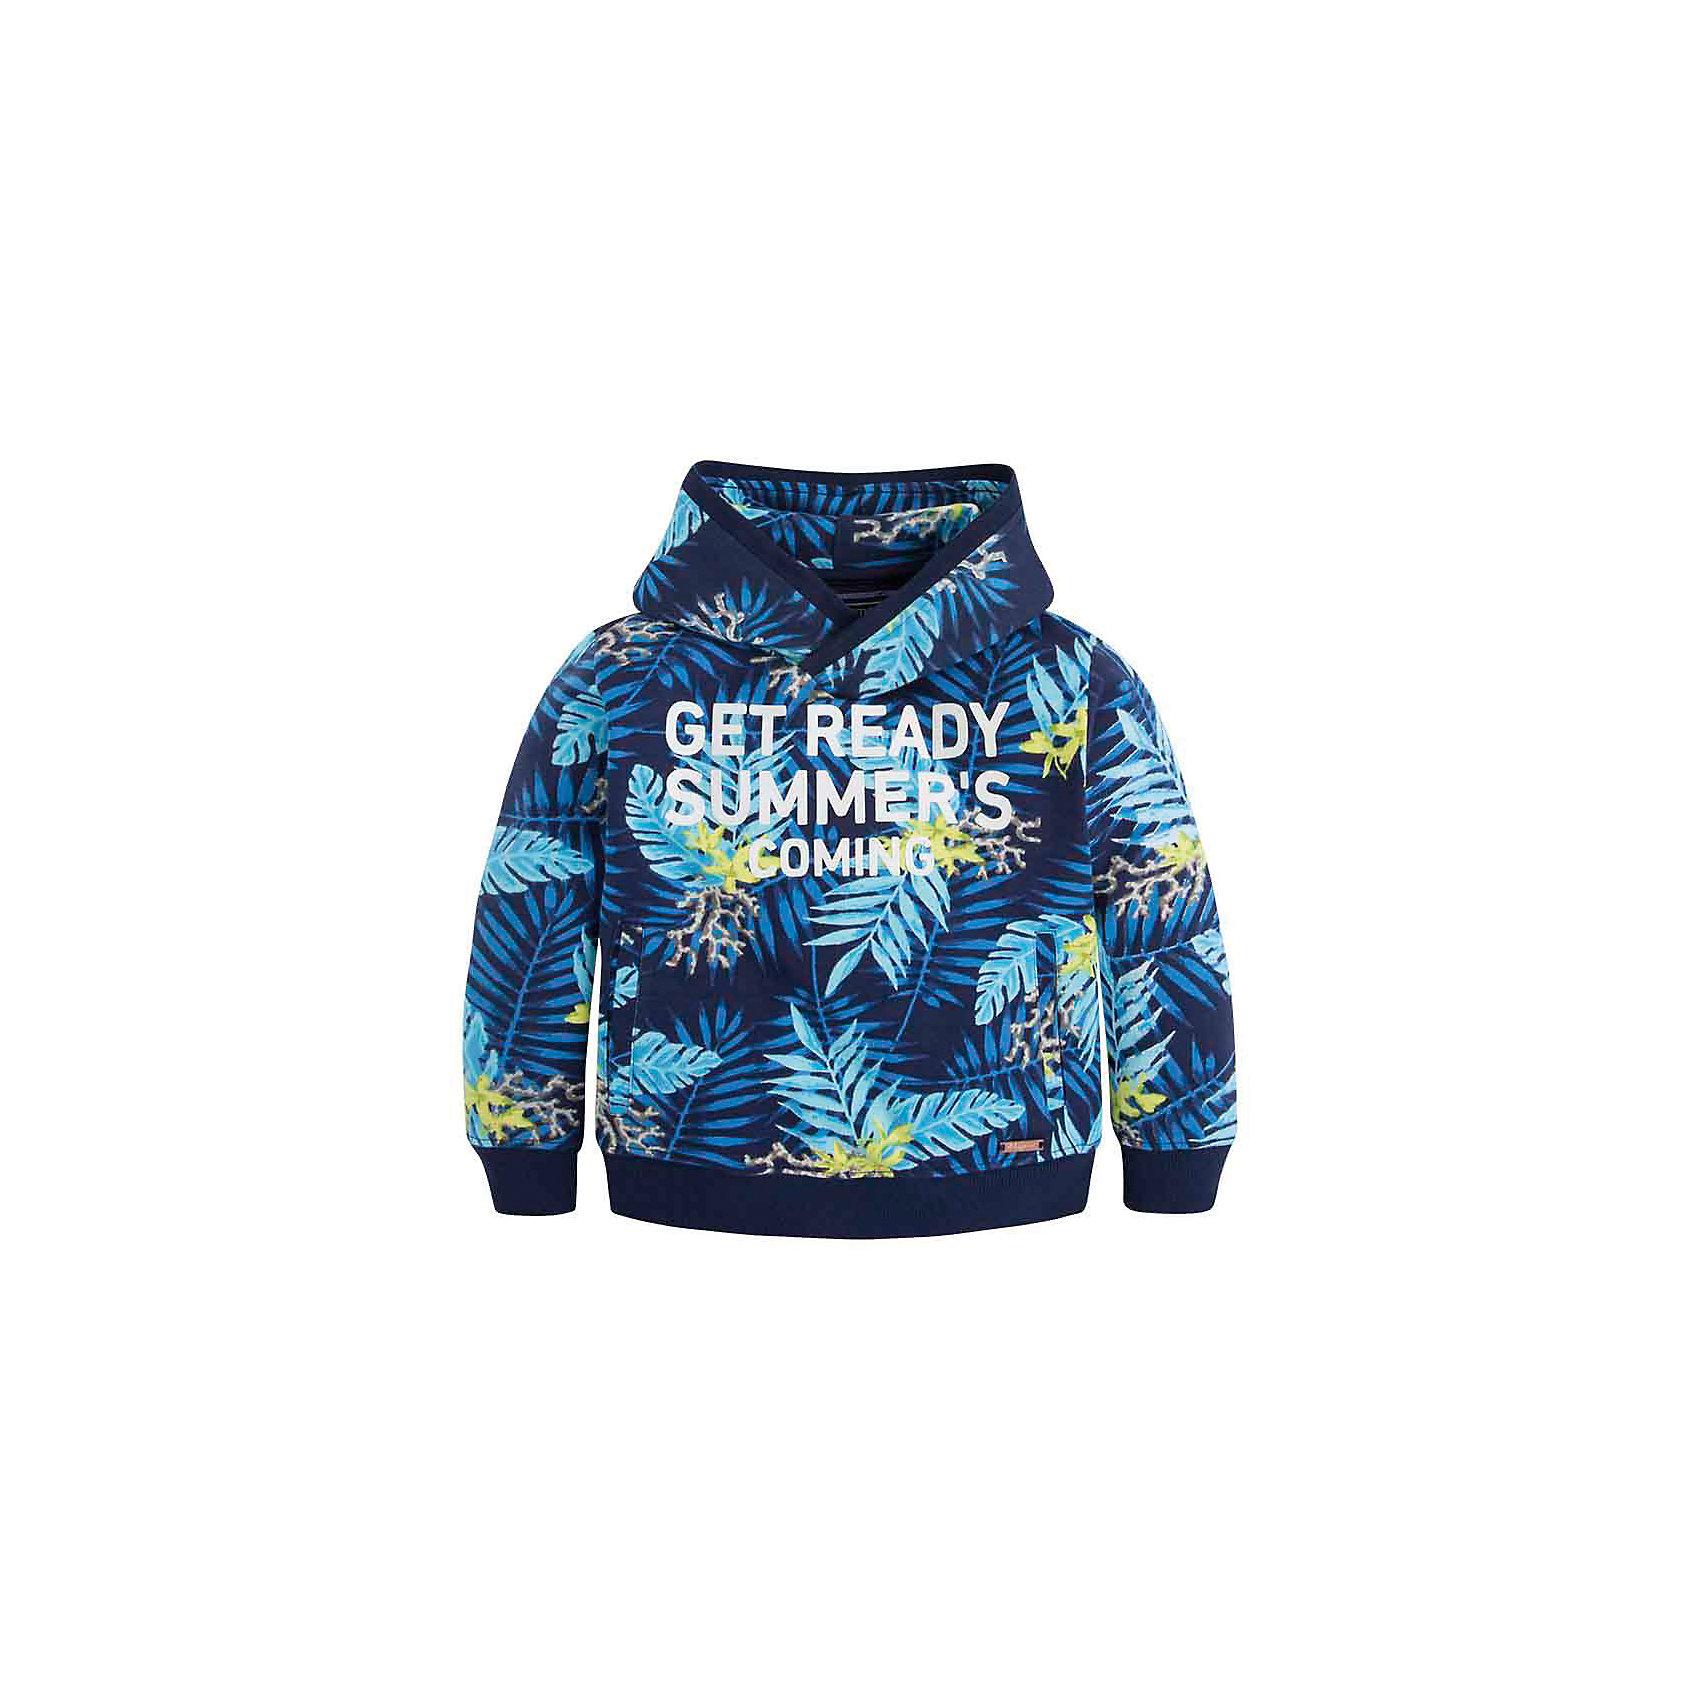 Толстовка для мальчика MayoralСвитер для мальчика от известной испанской марки Mayoral <br><br>Модный свитер от Mayoral актуален в прохладную погоду. Он прекрасно сочетается с джинсами и брюками.  Модель выполнена из качественных материалов, отлично садится по фигуре.<br><br>Особенности модели:<br><br>- цвет: синий;<br>- рукава длинные;<br>- принт;<br>- низ и конец рукавов - резинки;<br>- капюшон.<br><br>Дополнительная информация:<br><br>Состав: 100% хлопок<br><br>Свитер для мальчика Mayoral (Майорал) можно купить в нашем магазине.<br><br>Ширина мм: 190<br>Глубина мм: 74<br>Высота мм: 229<br>Вес г: 236<br>Цвет: серый<br>Возраст от месяцев: 84<br>Возраст до месяцев: 96<br>Пол: Мужской<br>Возраст: Детский<br>Размер: 128,98,116,110,134,122,104<br>SKU: 4542084